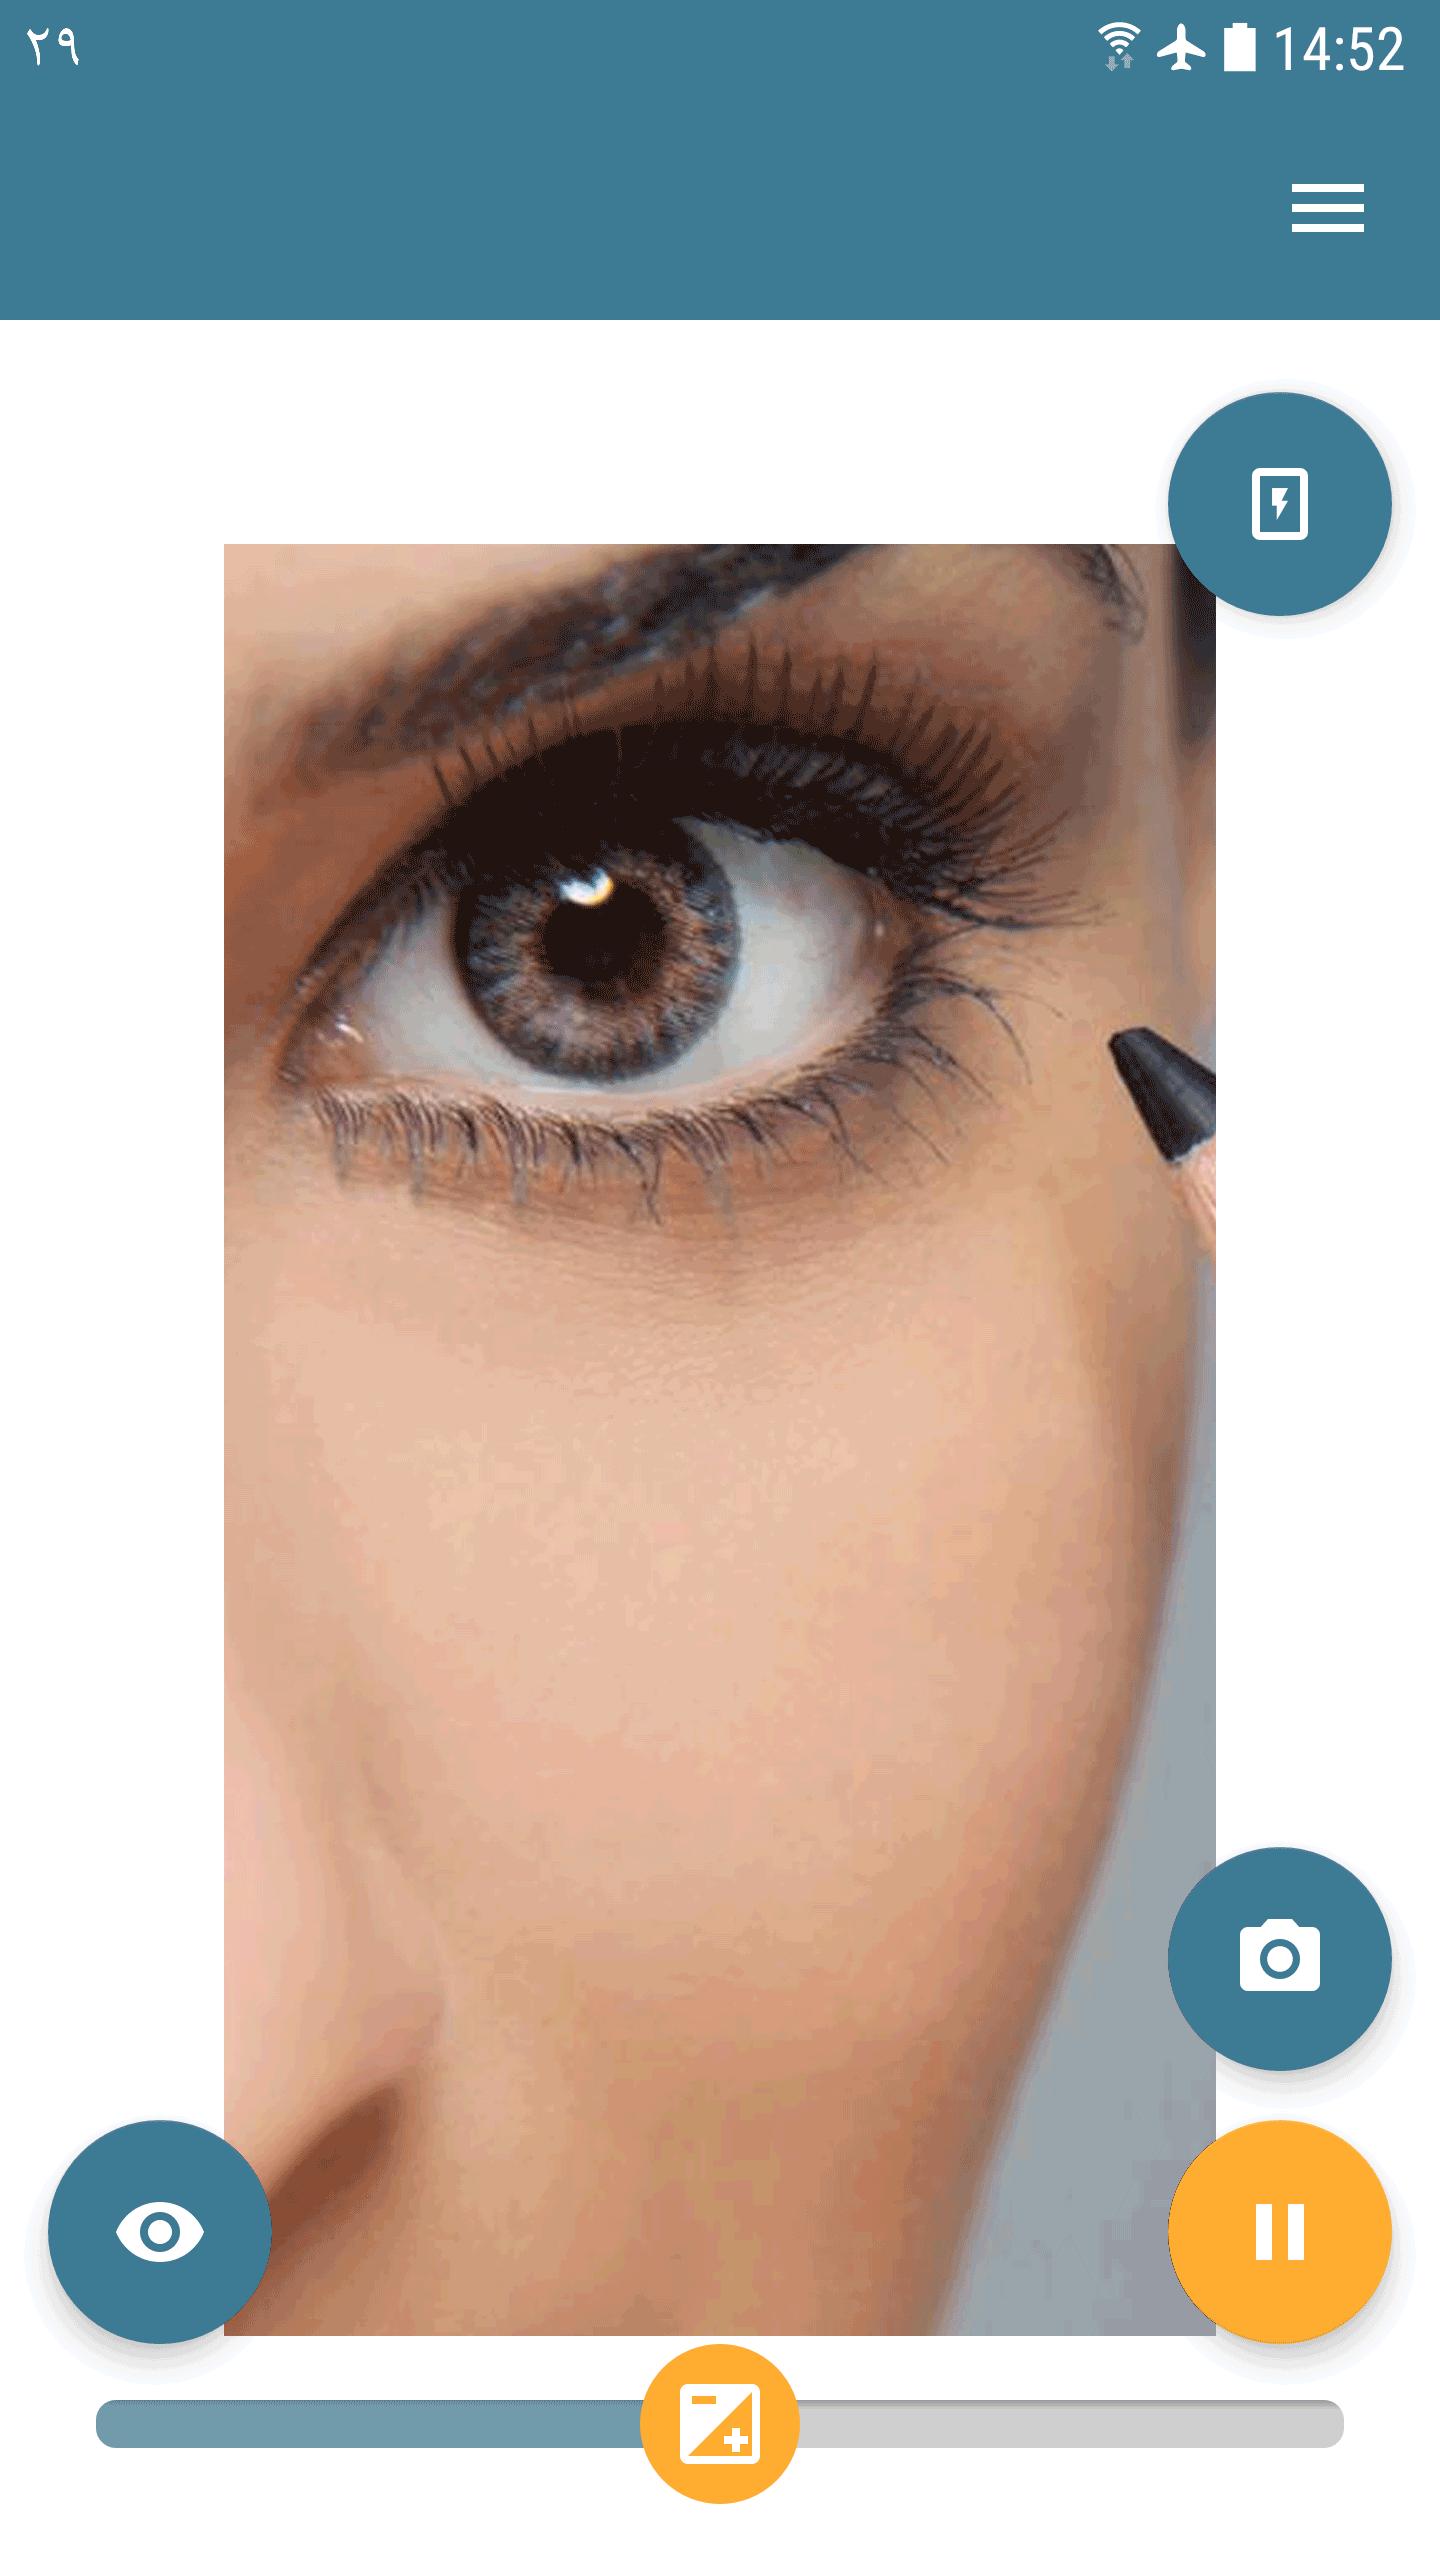 تصویر 3 آینه همراه